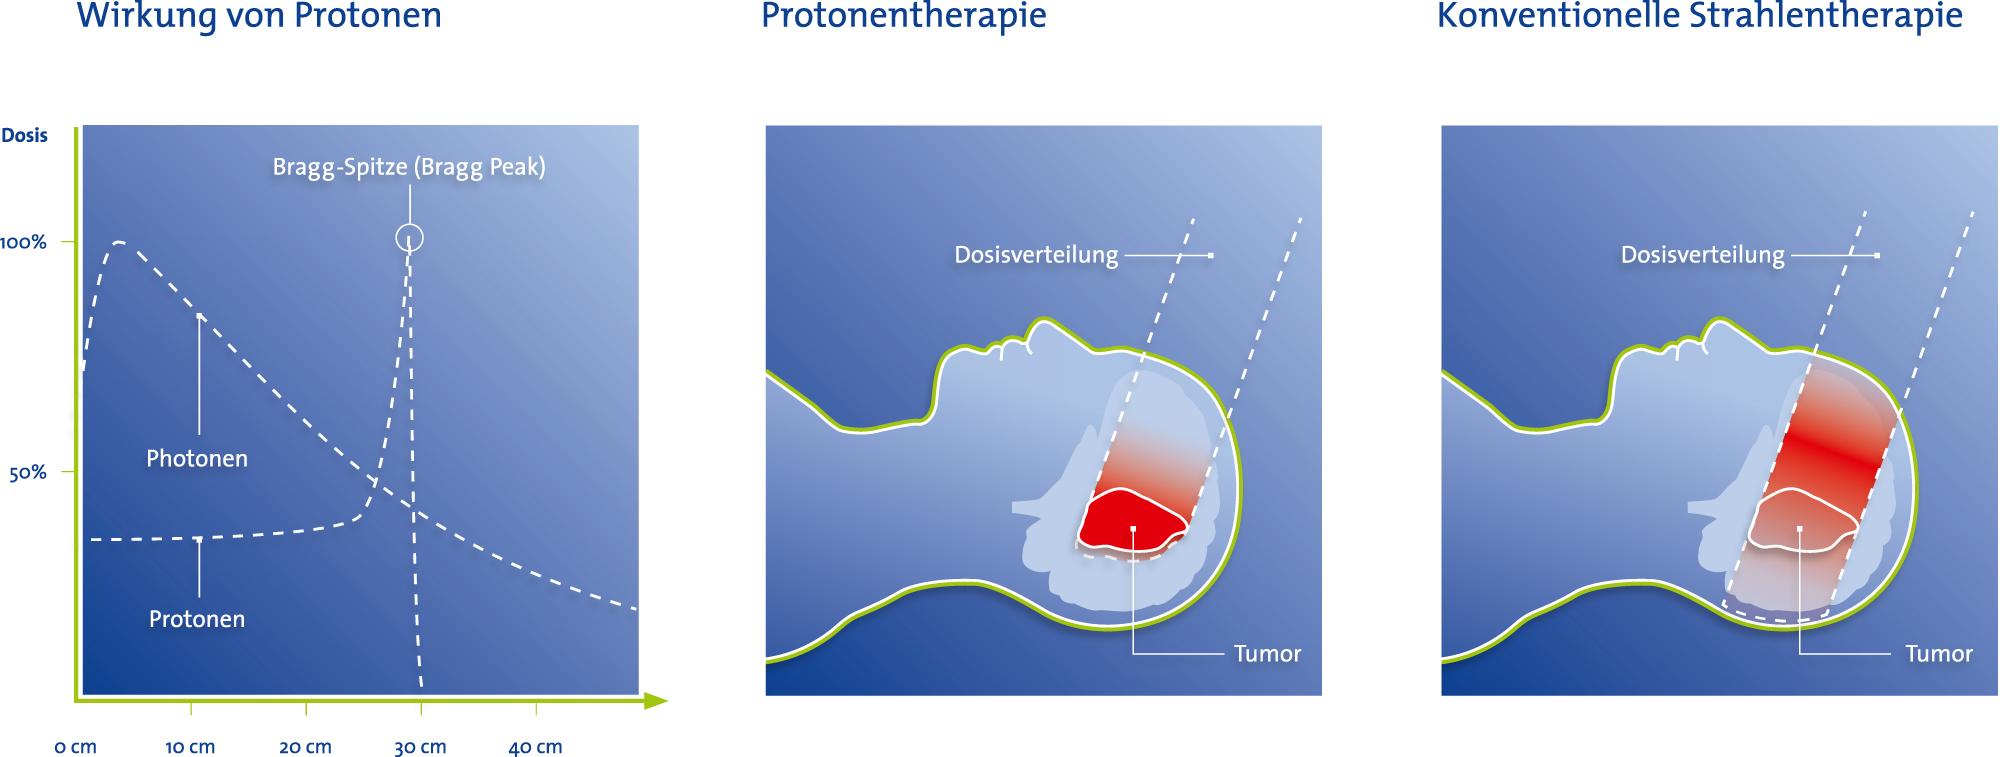 Wirkung der Protonentherapie